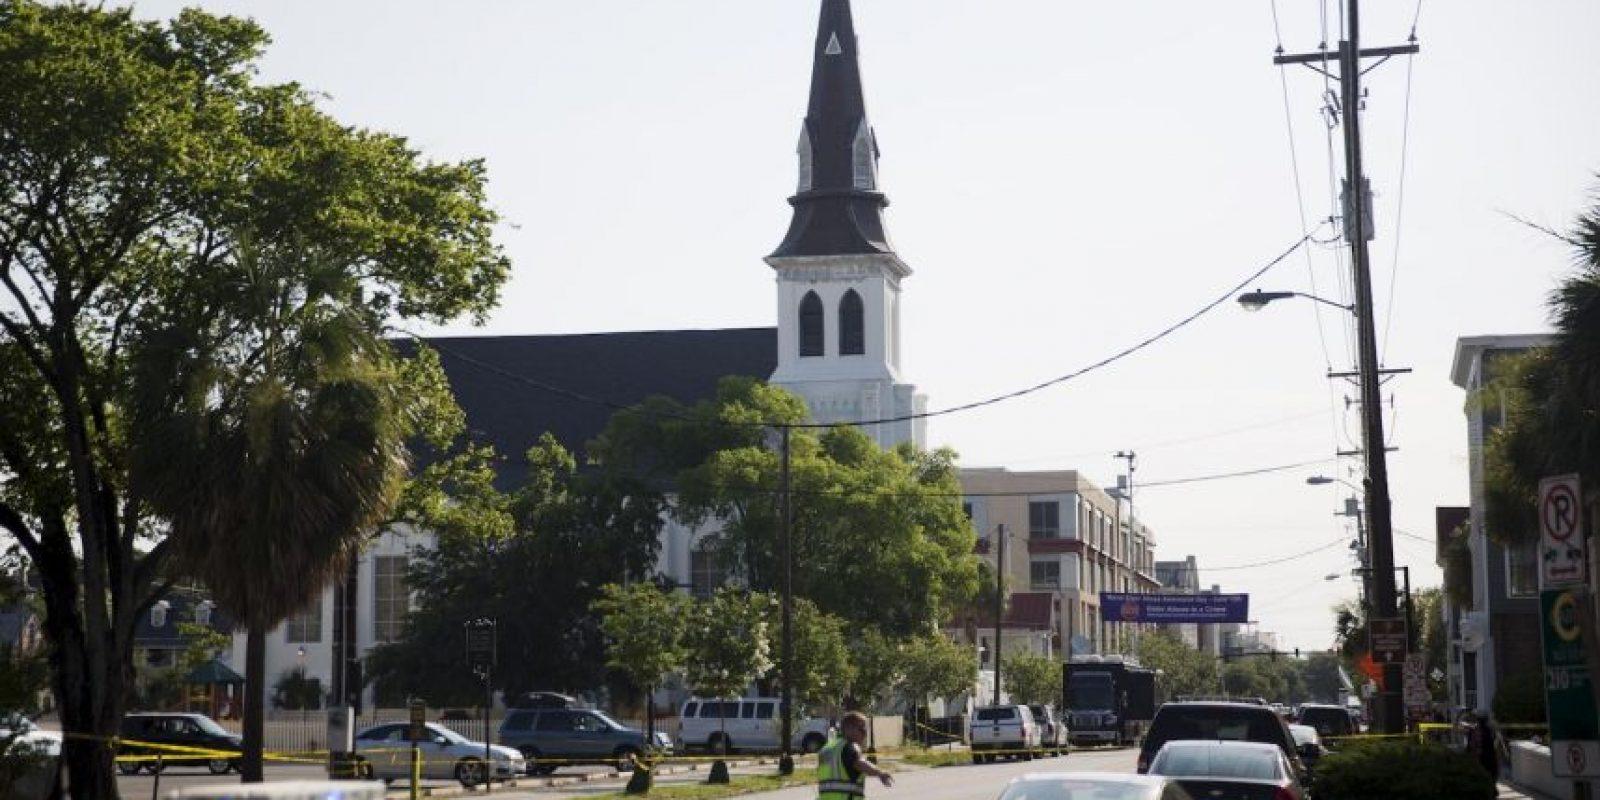 Esto después del atentado en el que murieron 9 personas afroamericanas. Foto:AP